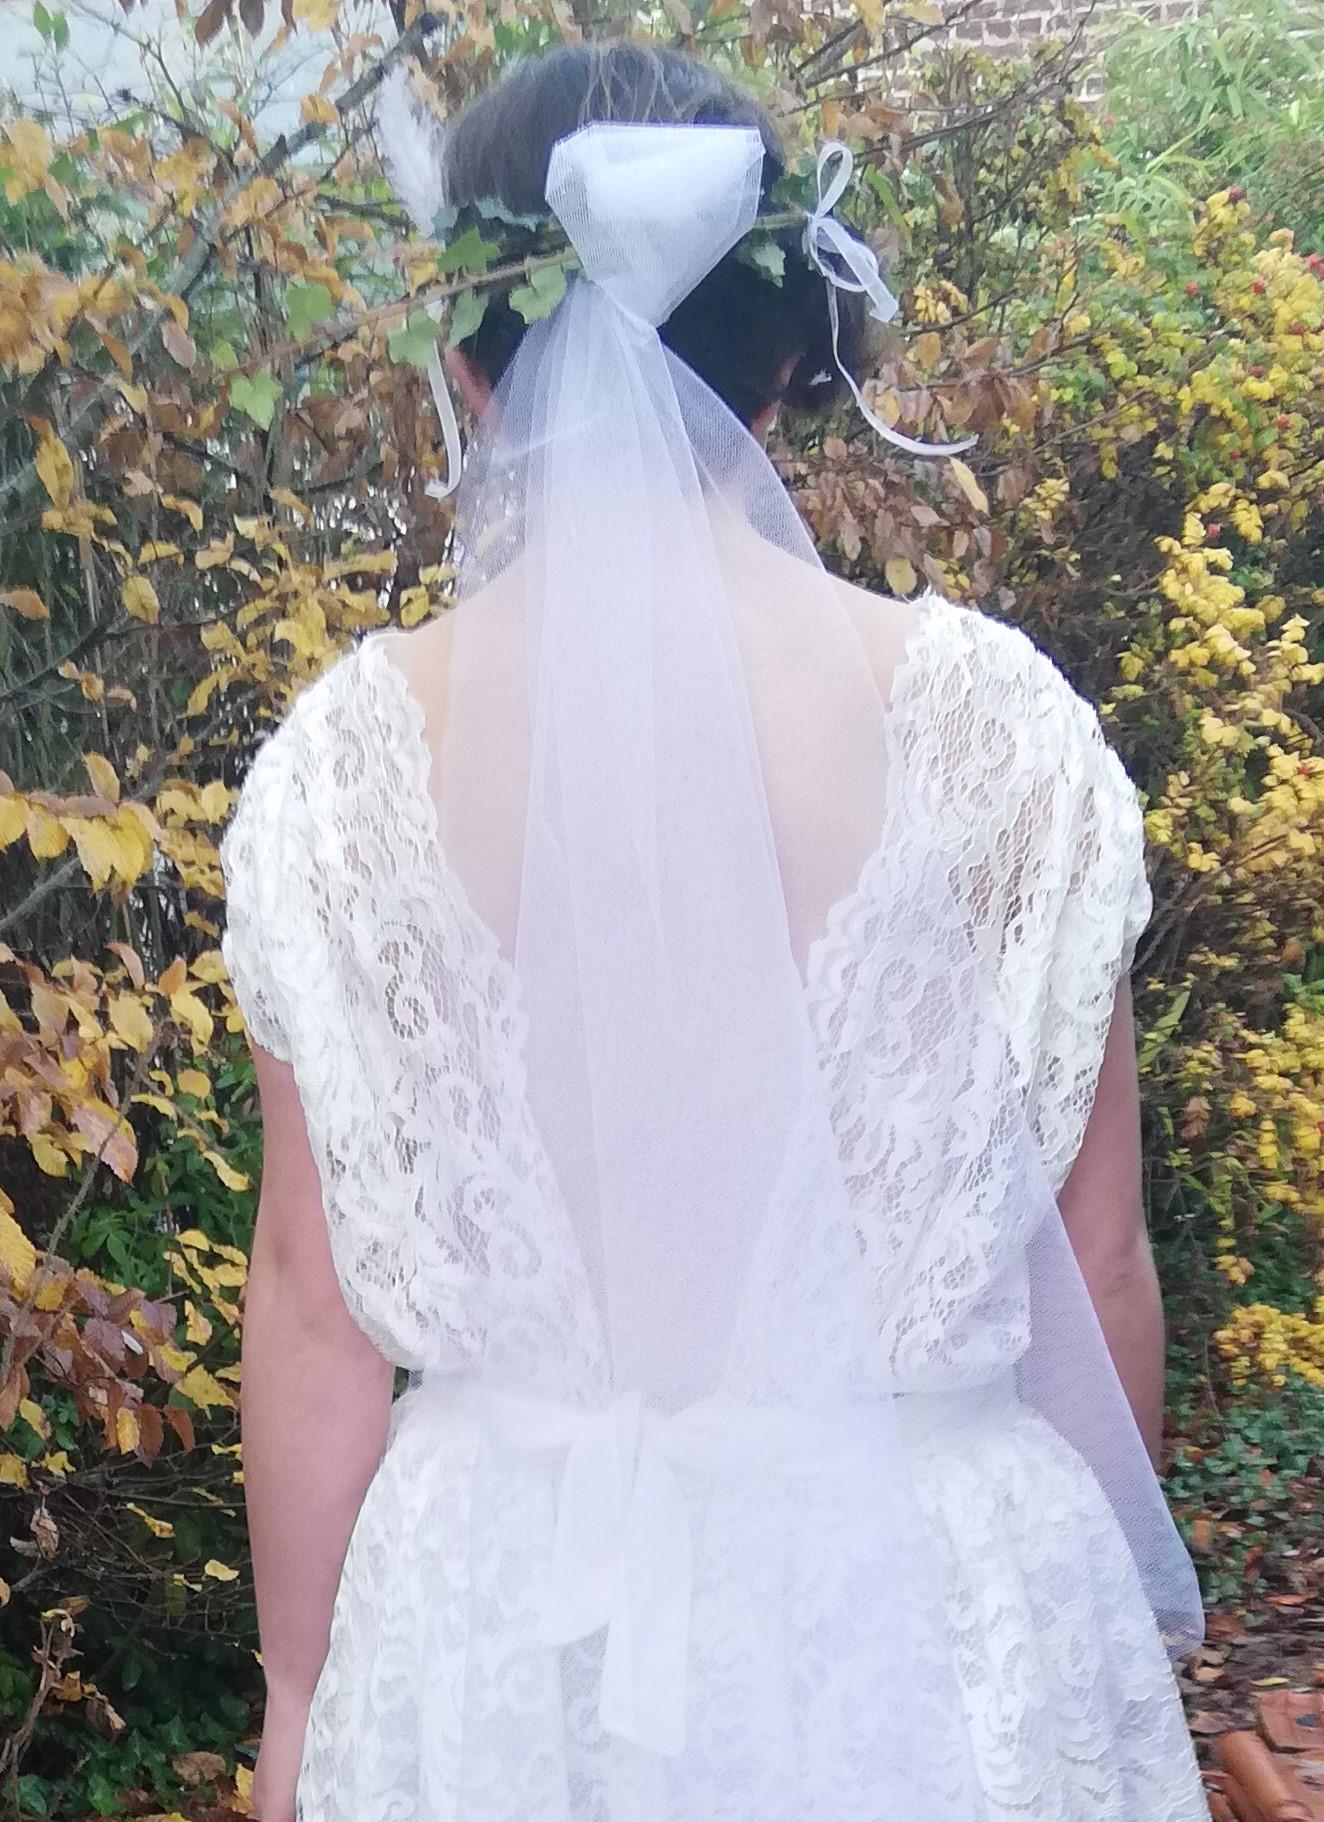 Robe de mariee reversible dentelle tulle et viscose rose faconnee a la main avec un coeur de nacre couronne fleurs et plumes fifi au jardin pose 5